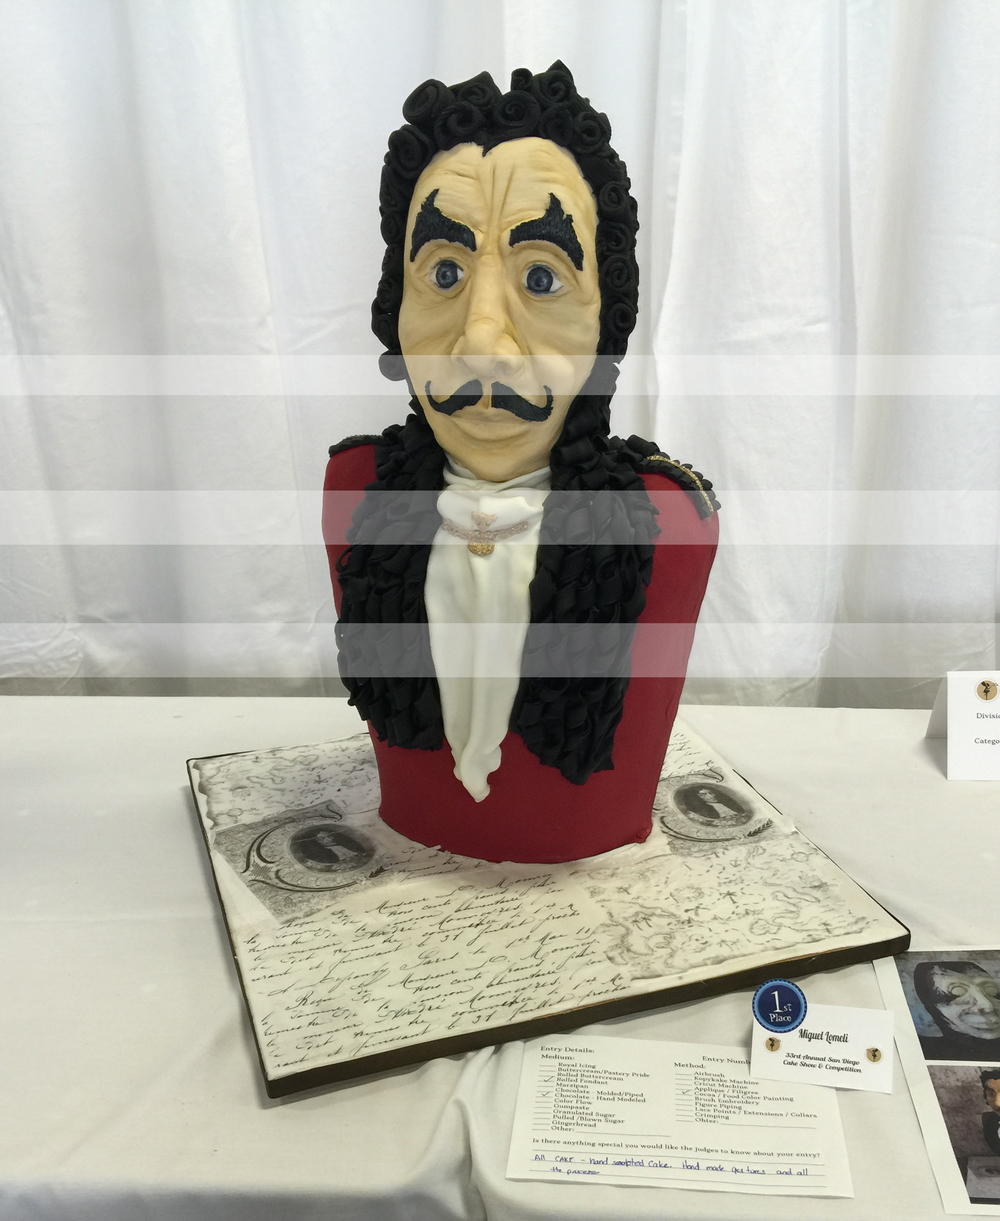 """Pastel elaborado por Ángel Lomeli de Pastry Glammm, ganador del primer lugar en la categoría """"Sculpted Cakes""""."""